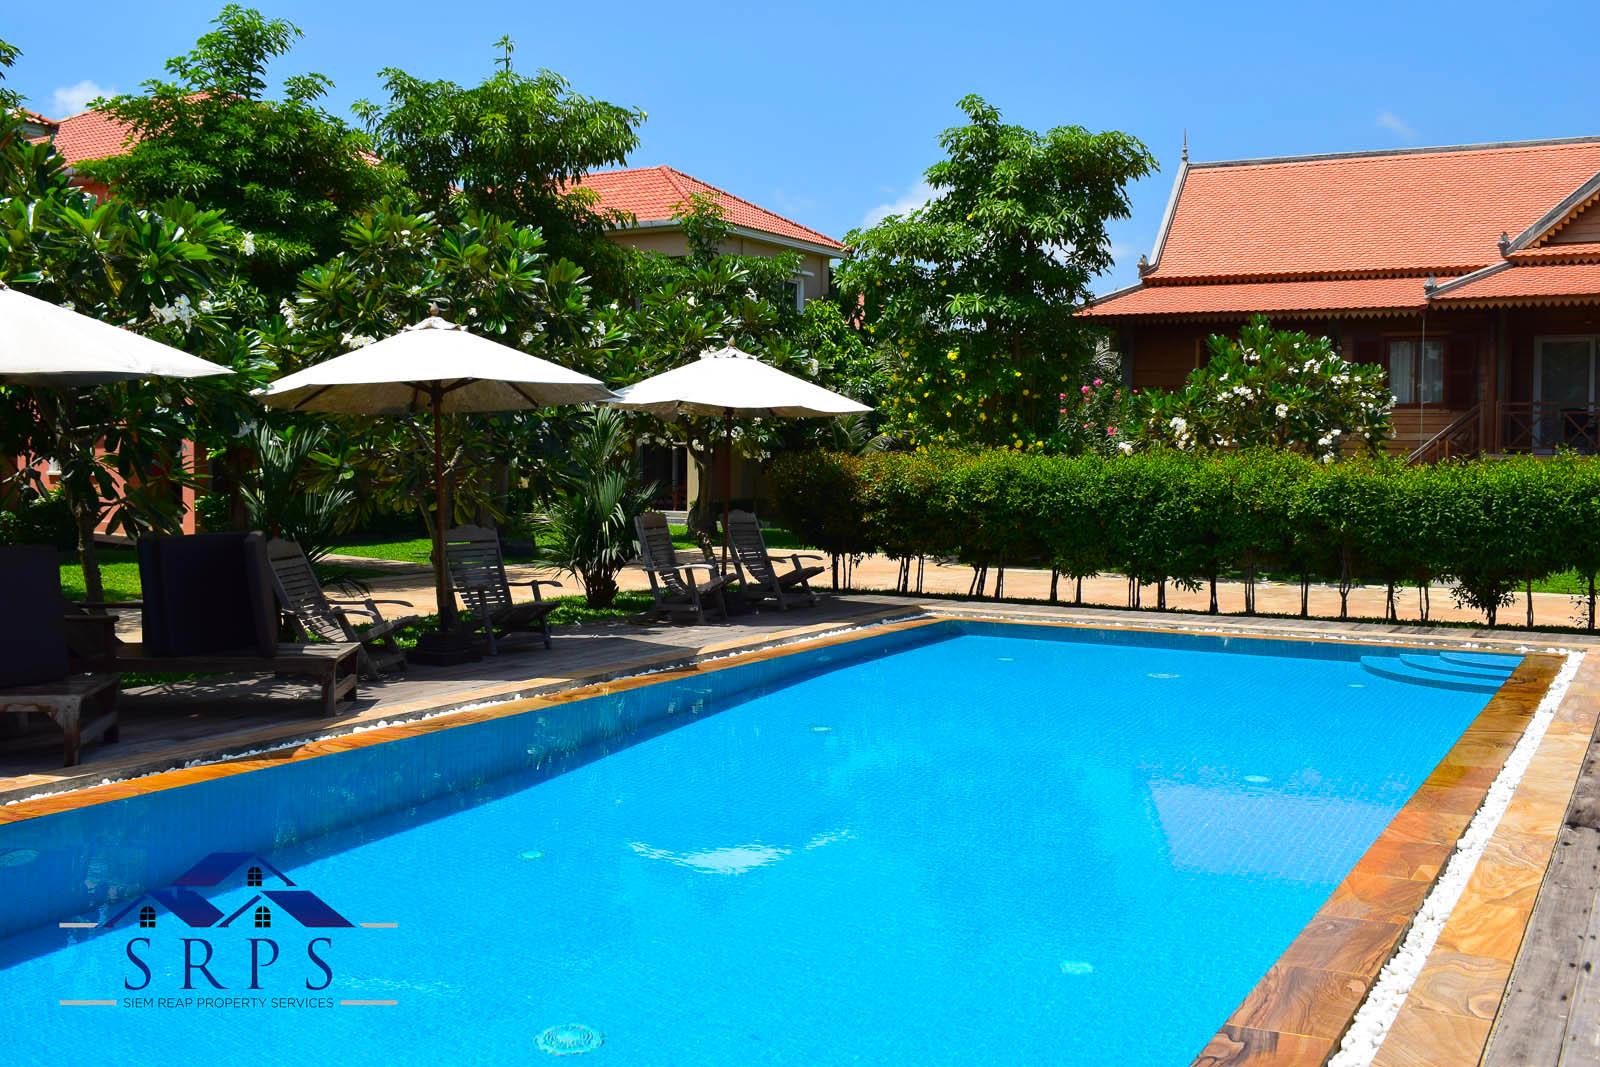 Beautiful 1 bedroom apartment with swimming pool-Svay Dangkum